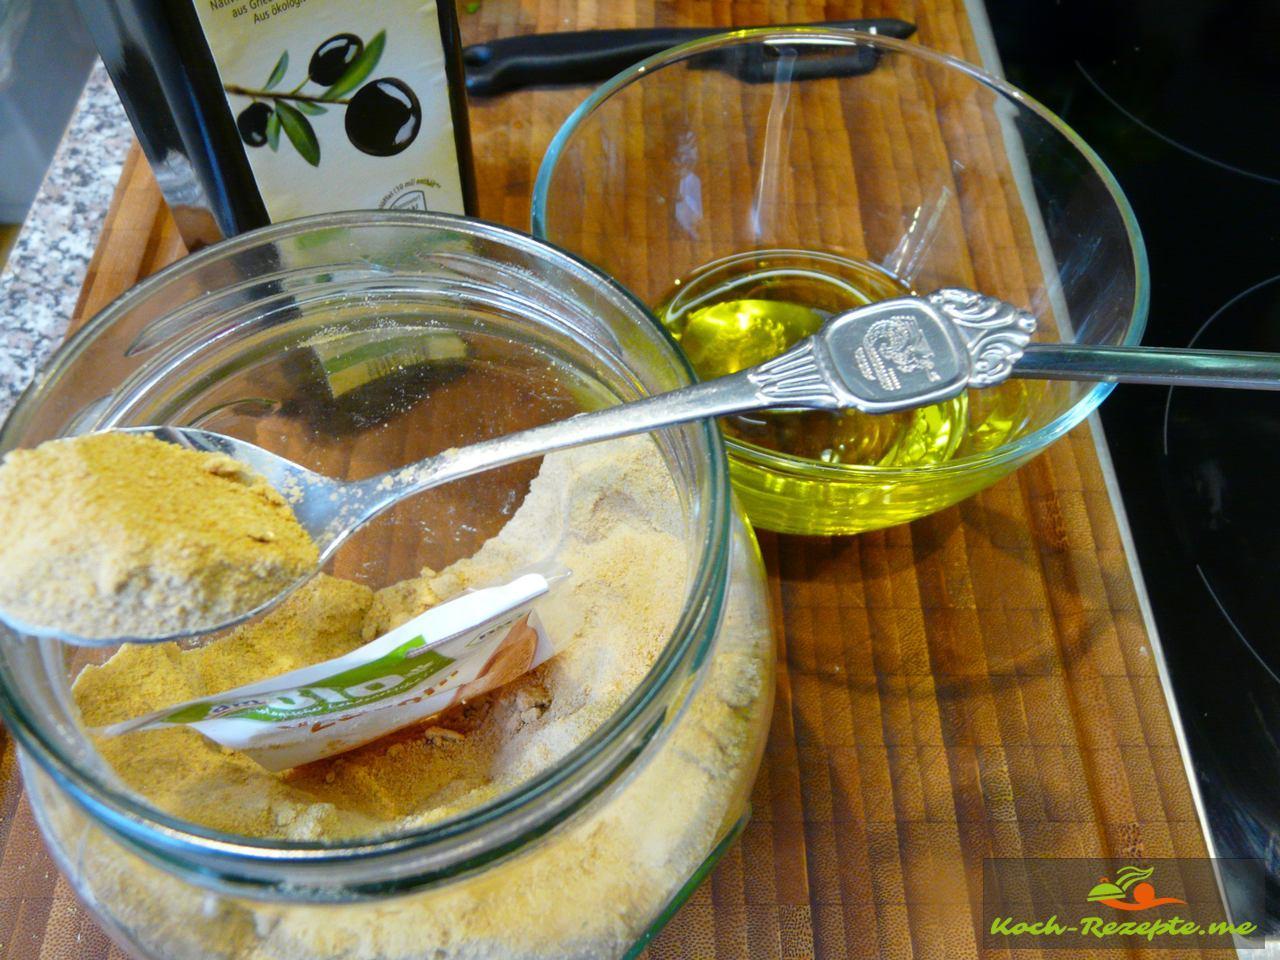 Mit Kräuteressig, Olivenöl, Kräuter Pfeffer und Chilisalz und braunem Zucker, eine Vinaigrette herstellen